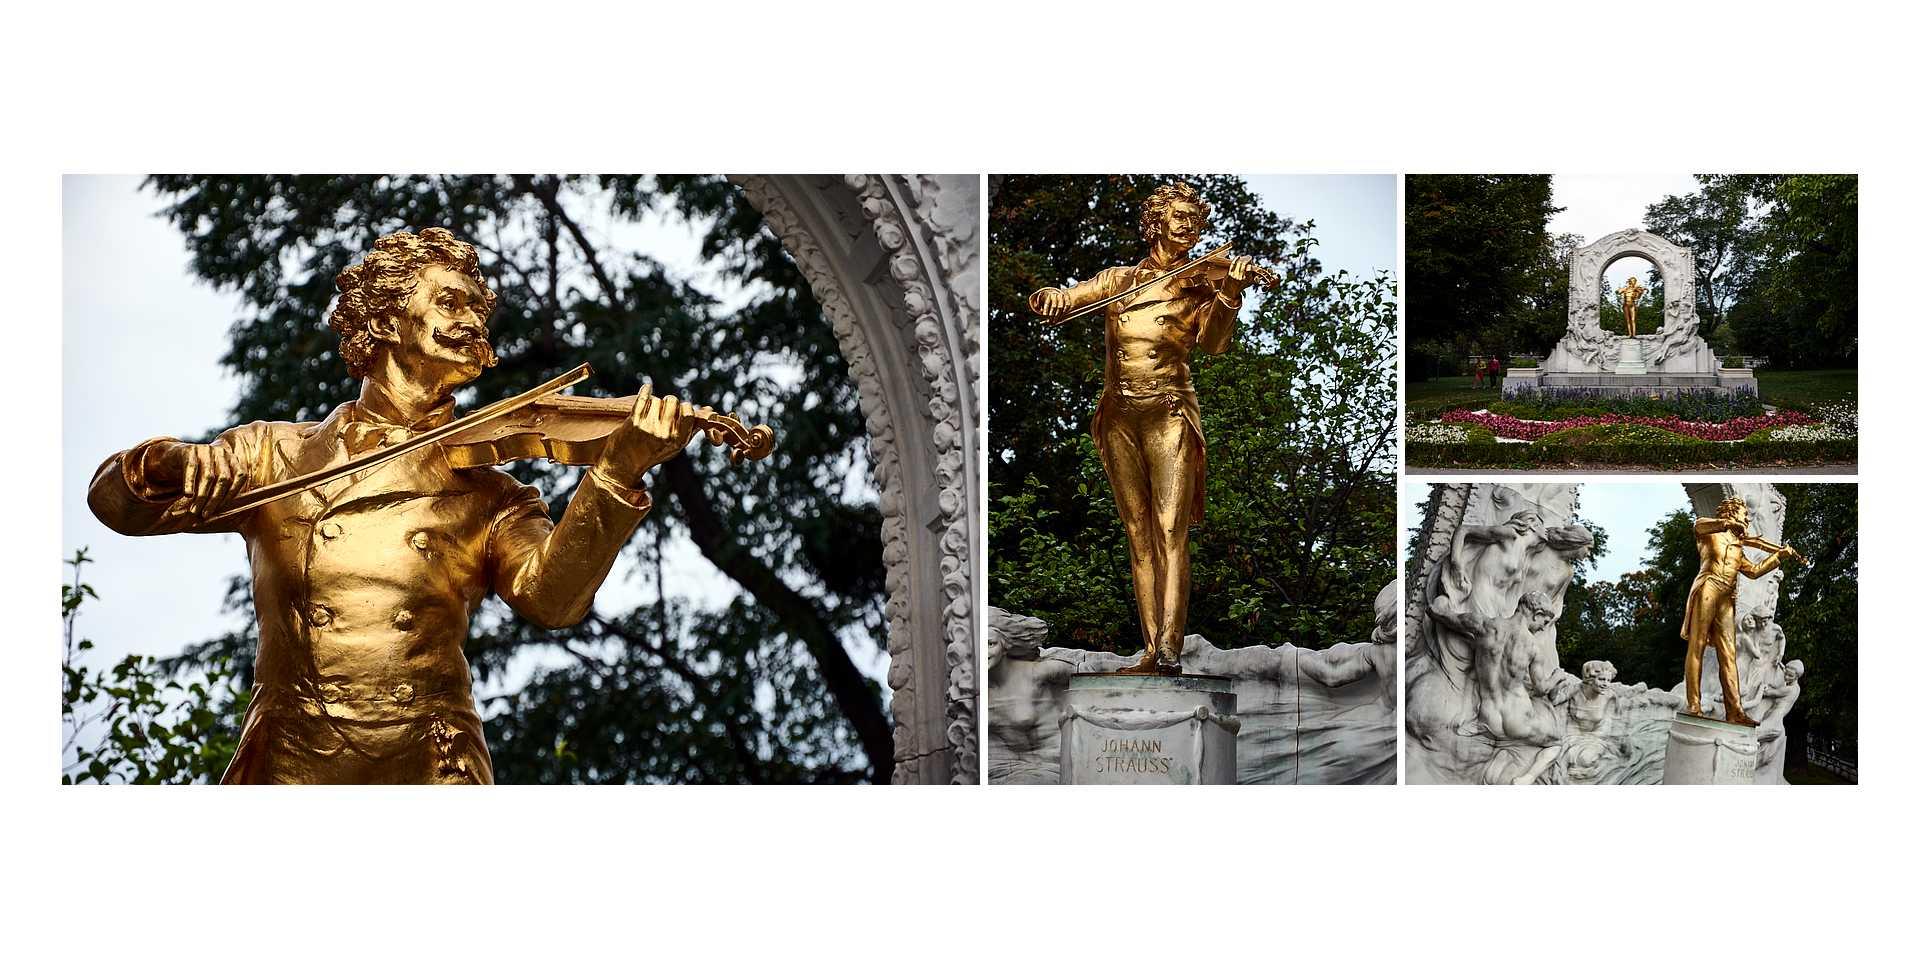 Live your Life - Descubre Viena - Stadtpark